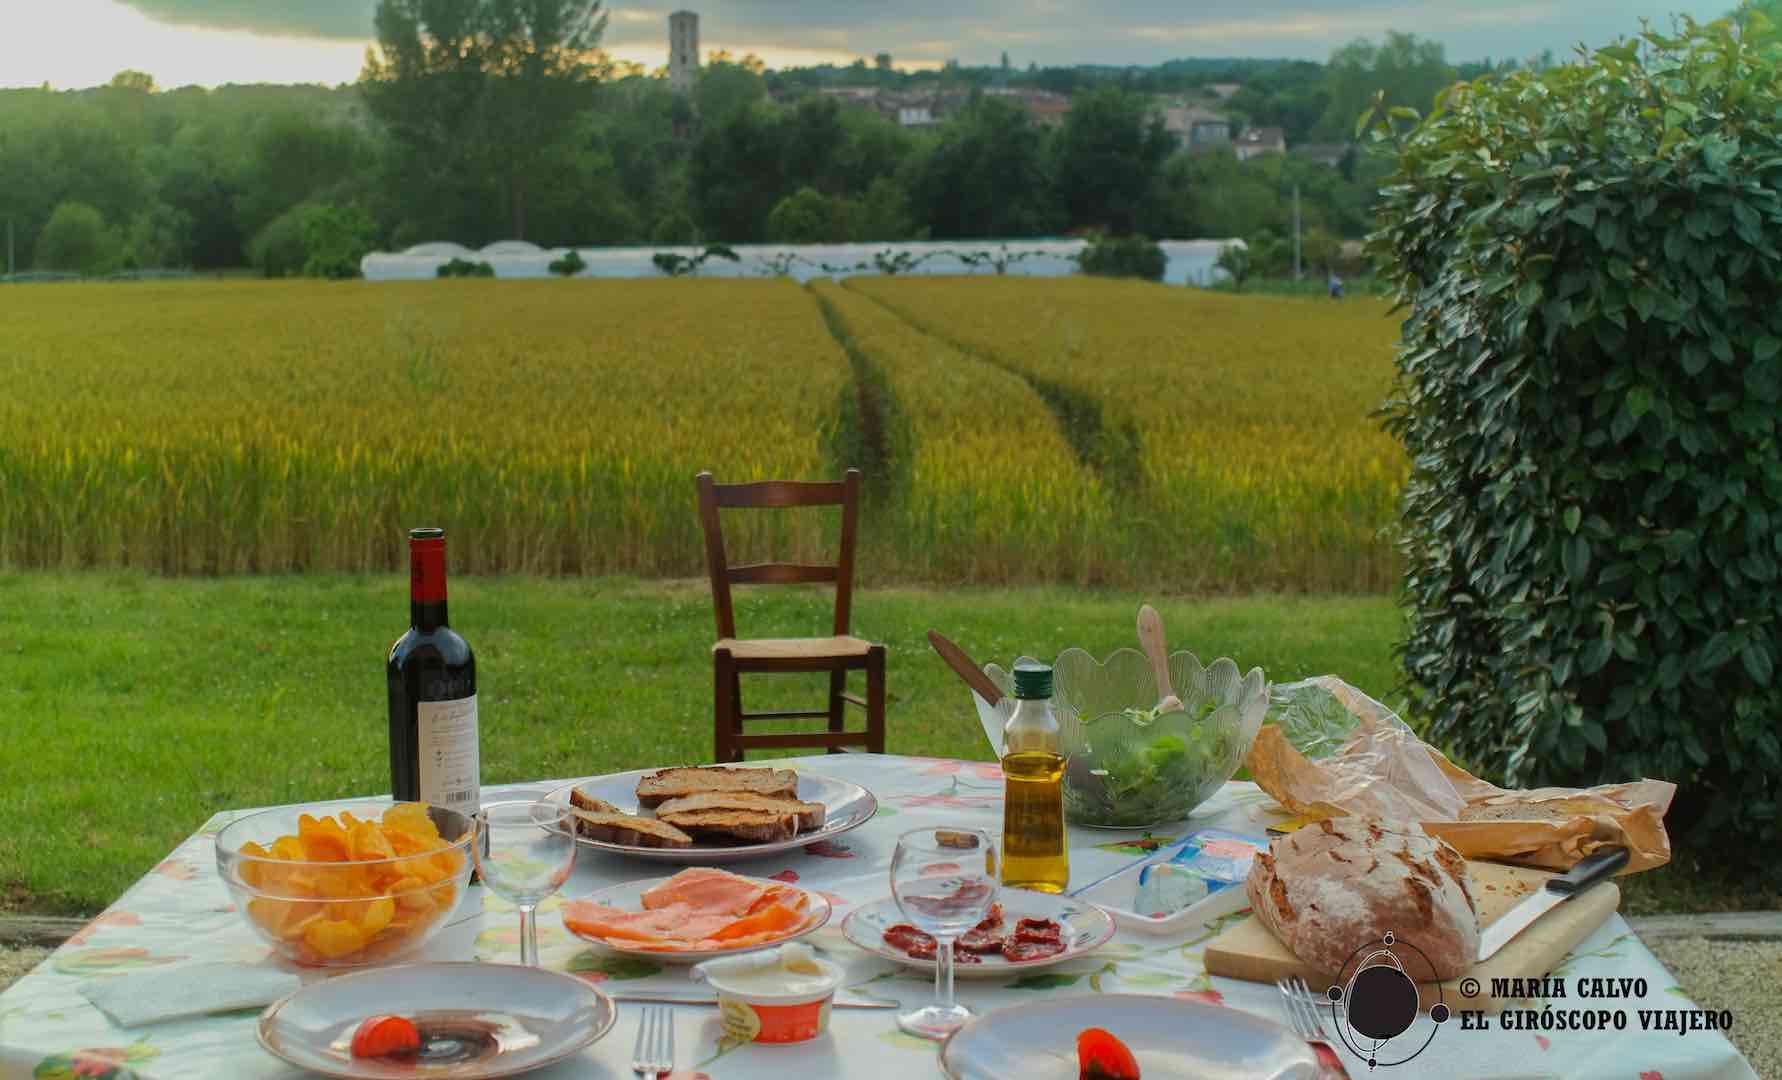 Cena de atardecer en la terraza de nuestro palomar, productos locale y vistas a los campos de cereal y el pueblo de Larrazet